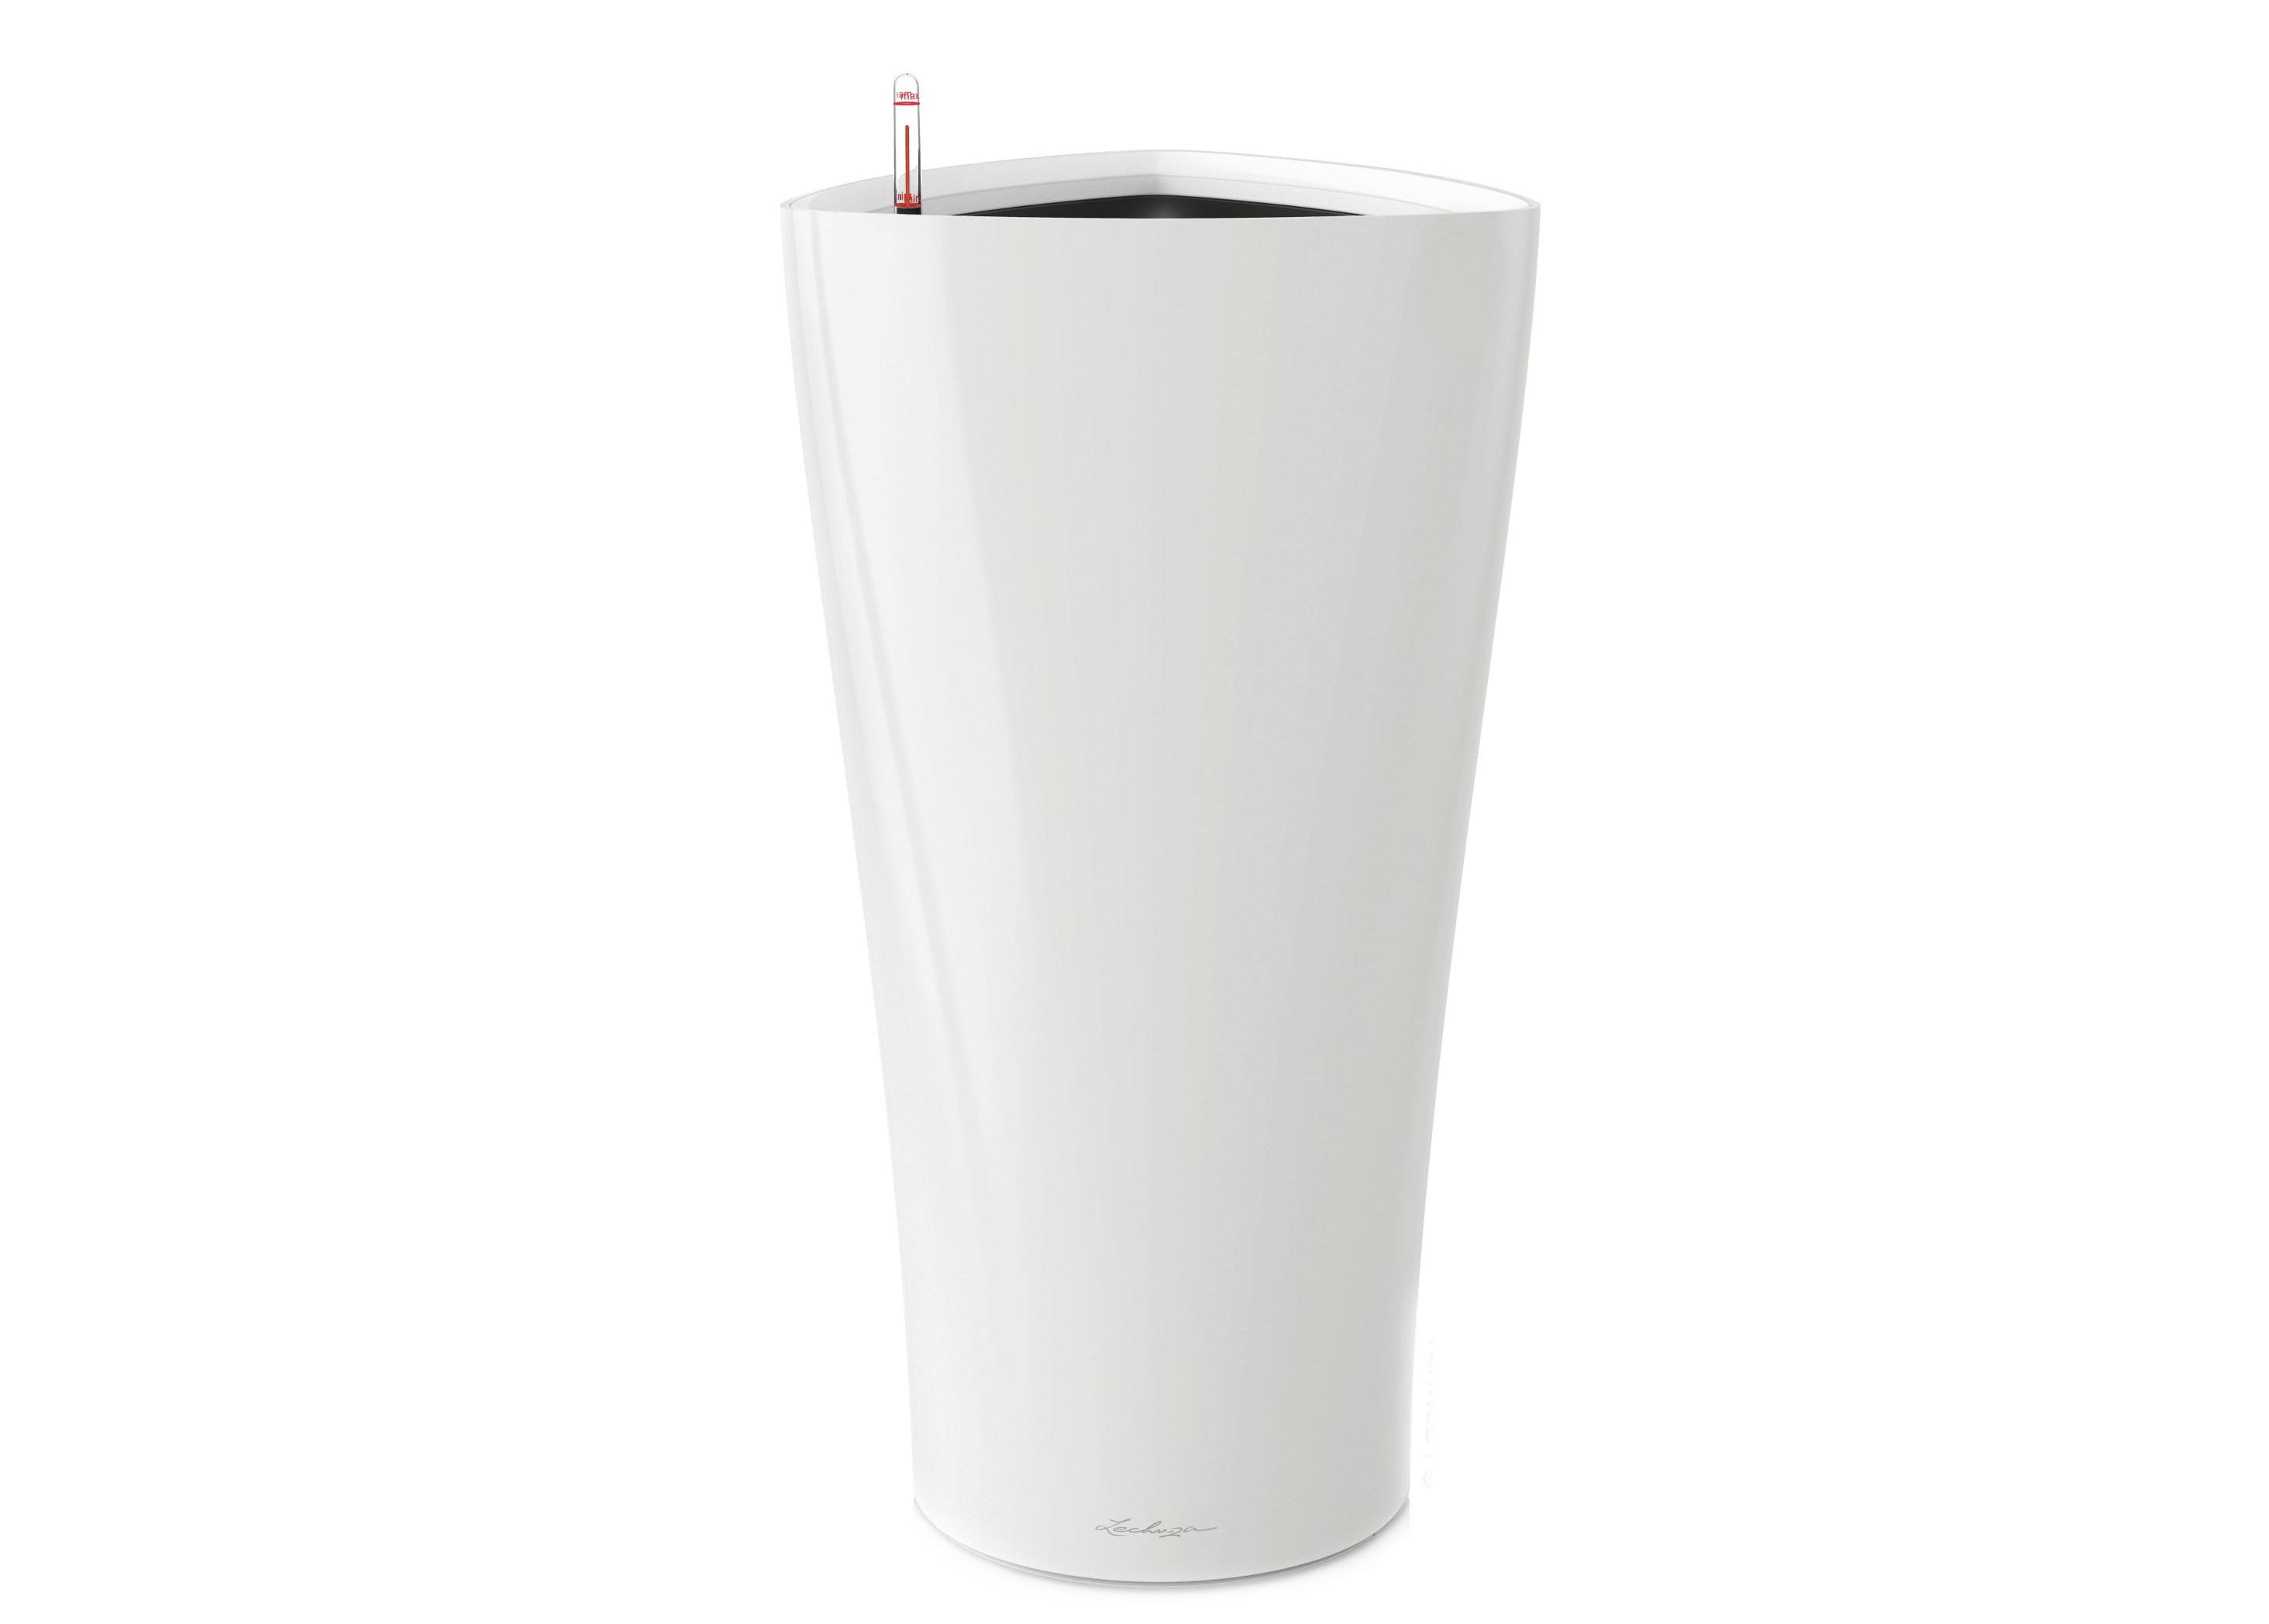 Кашпо с системой полива ДельтаКашпо и аксессуары для цветов<br><br><br>Material: Пластик<br>Ширина см: 40<br>Высота см: 75<br>Глубина см: 40